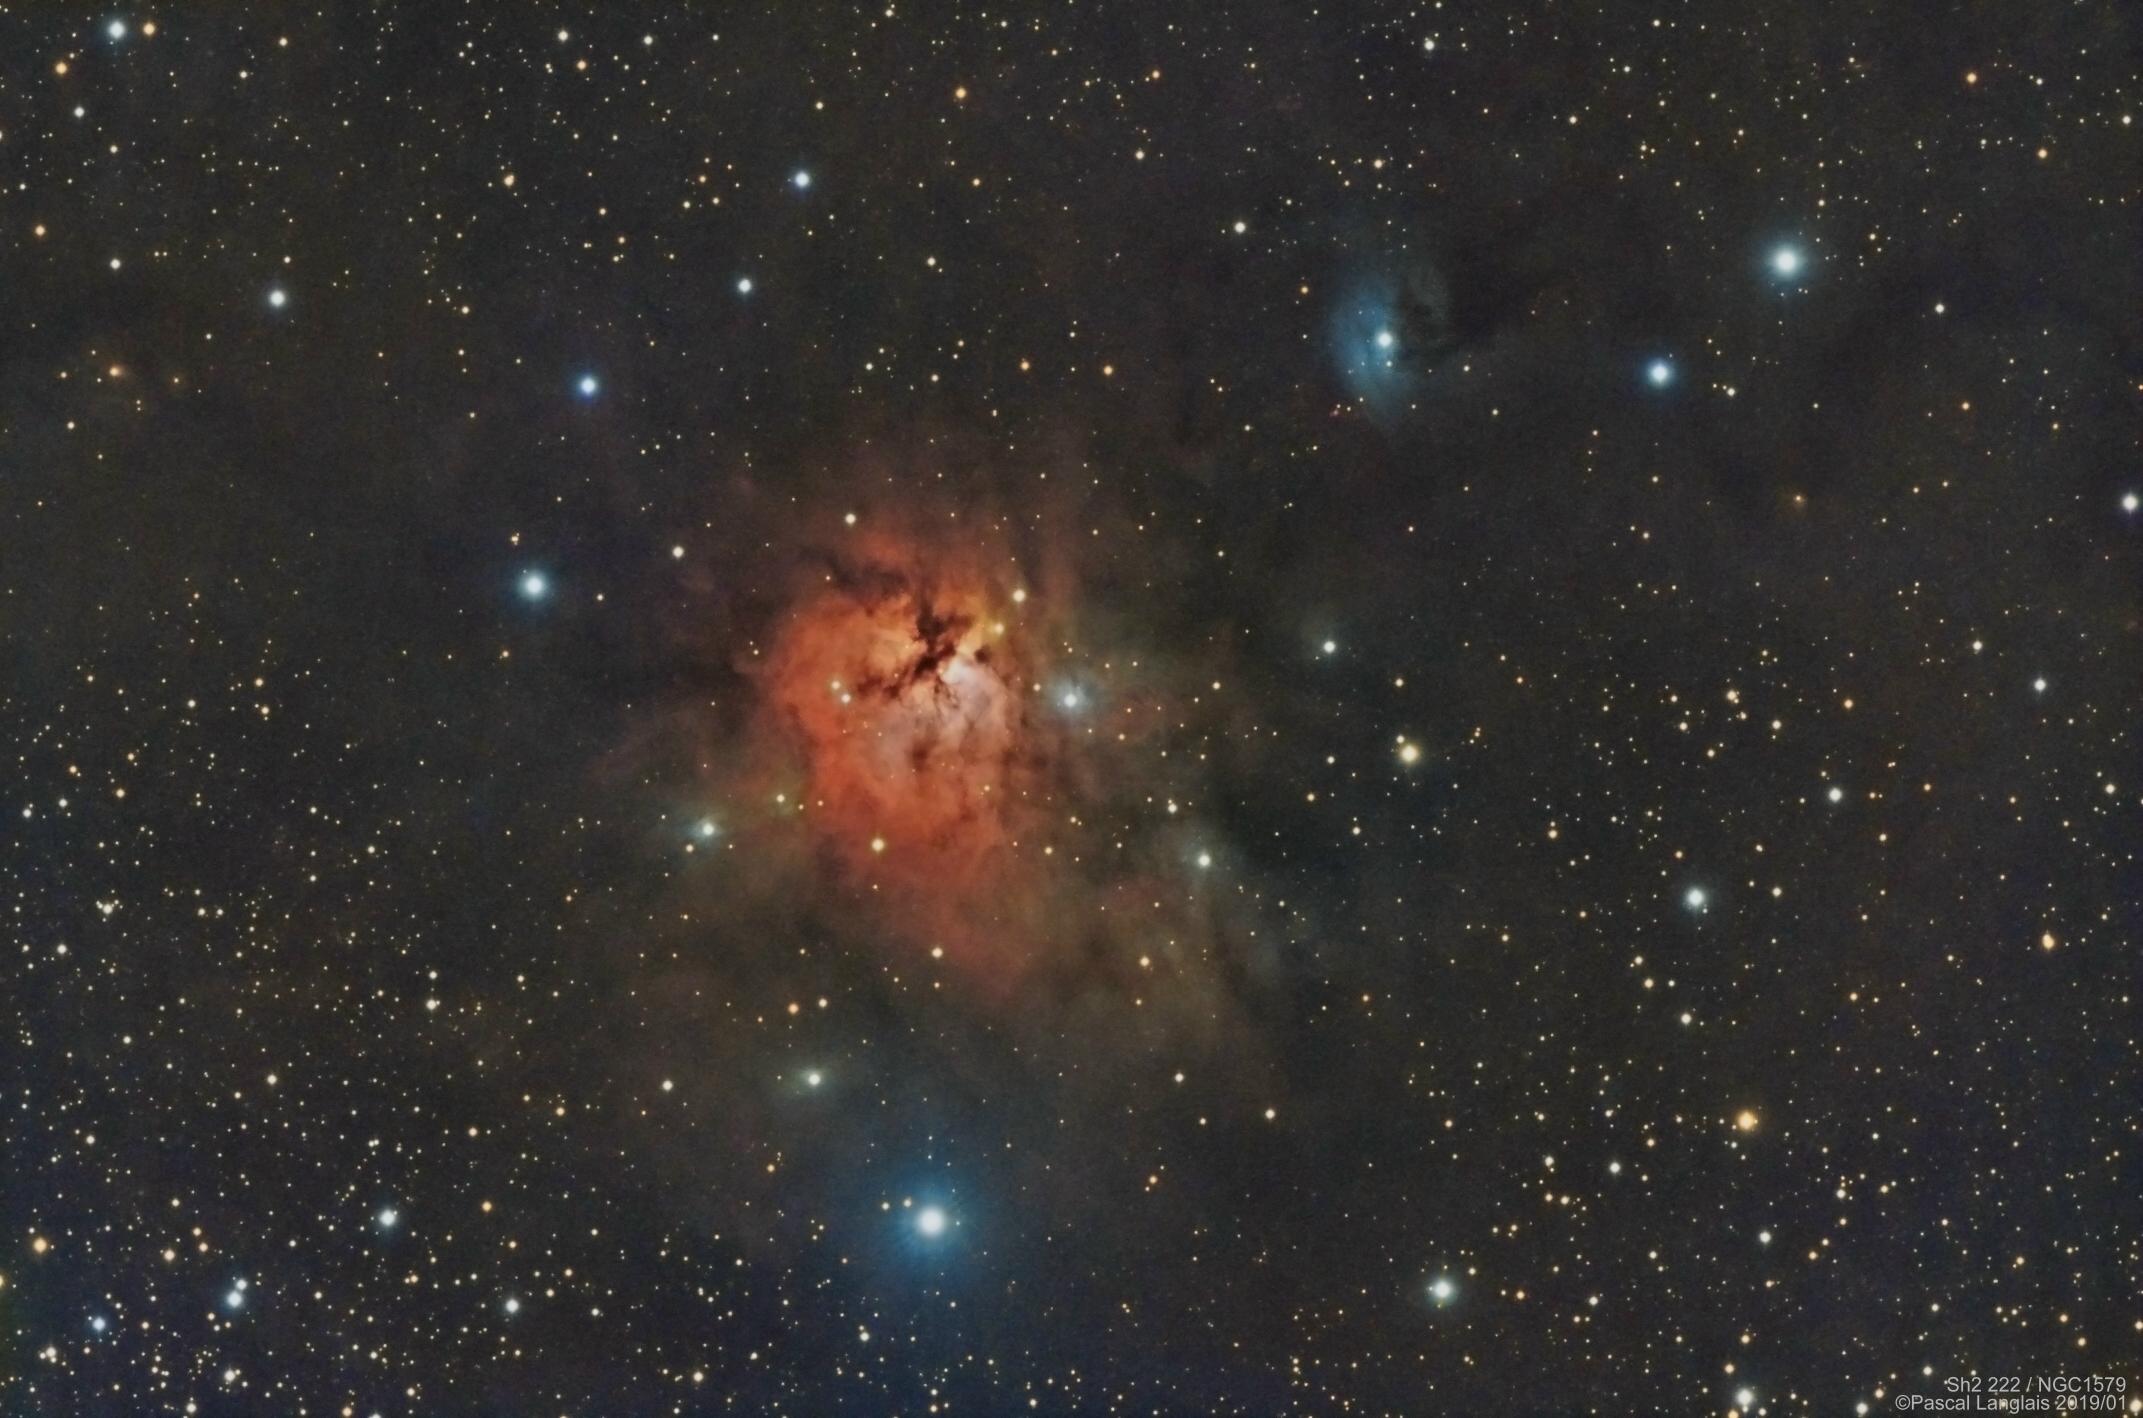 SH2 222 ou NGC1579/ LBN766 Ff2b606d